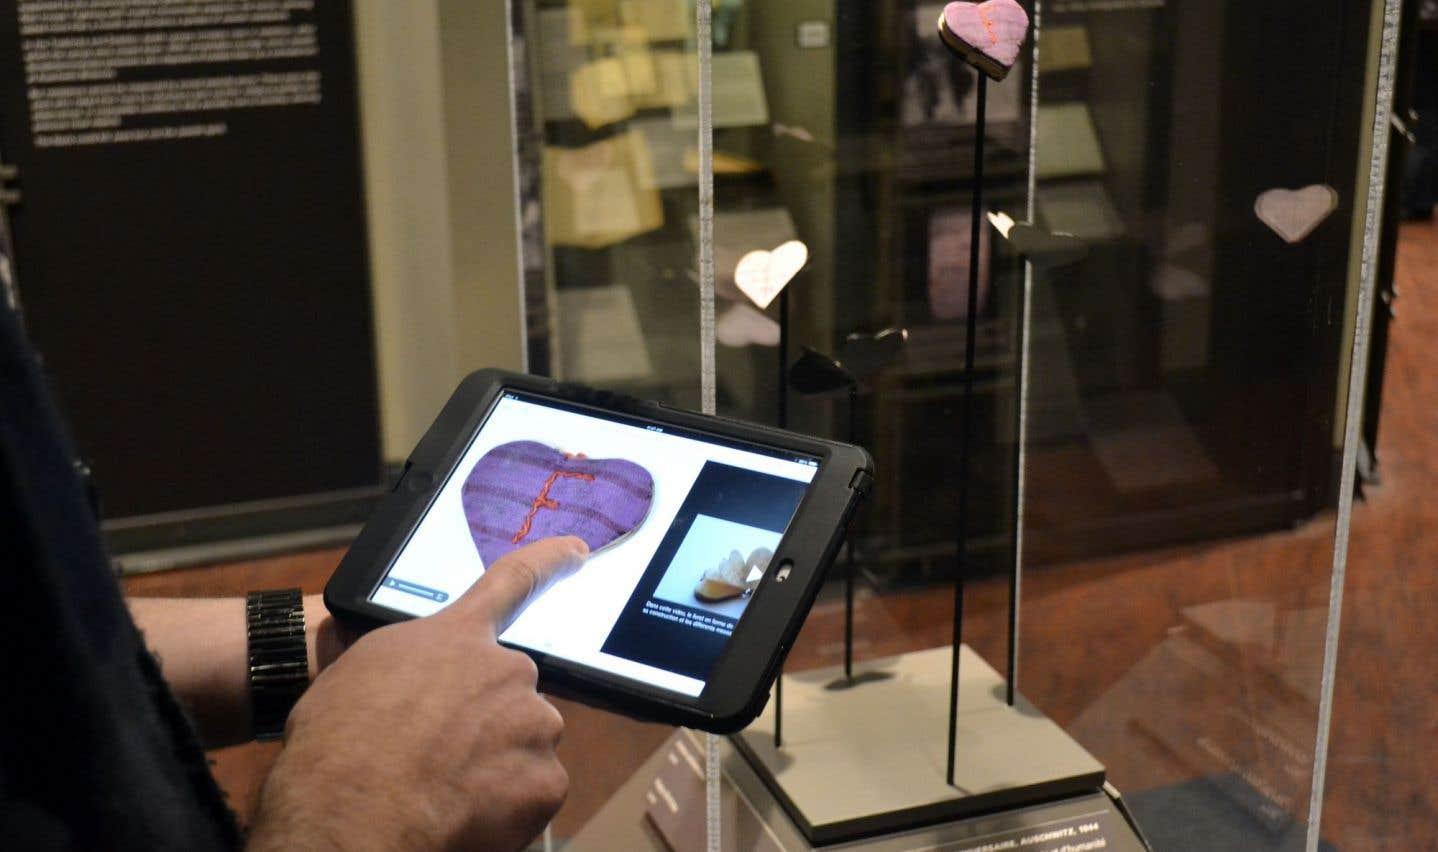 Selon un sondage effectué auprès de ses membres en 2008, la Société des musées québécois estimait que seulement 9% des collections muséales de la province étaient numérisées.